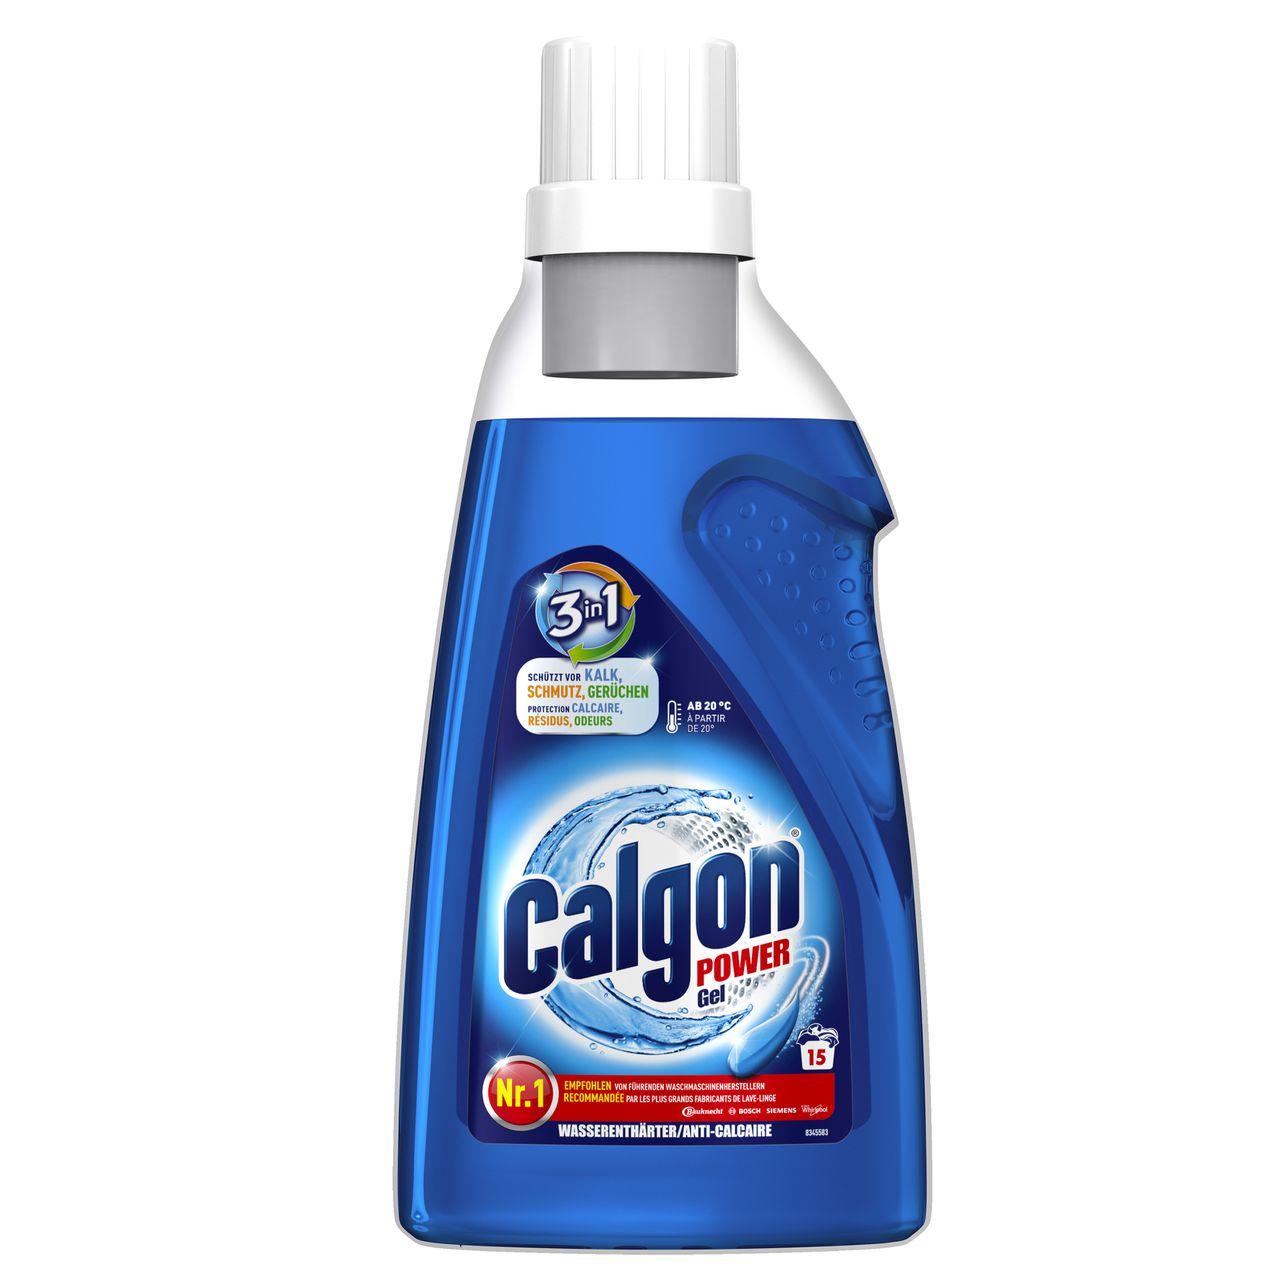 Calgon 3in1 Power Gel Kalkschutz Für Ihre Waschmaschine Calgon